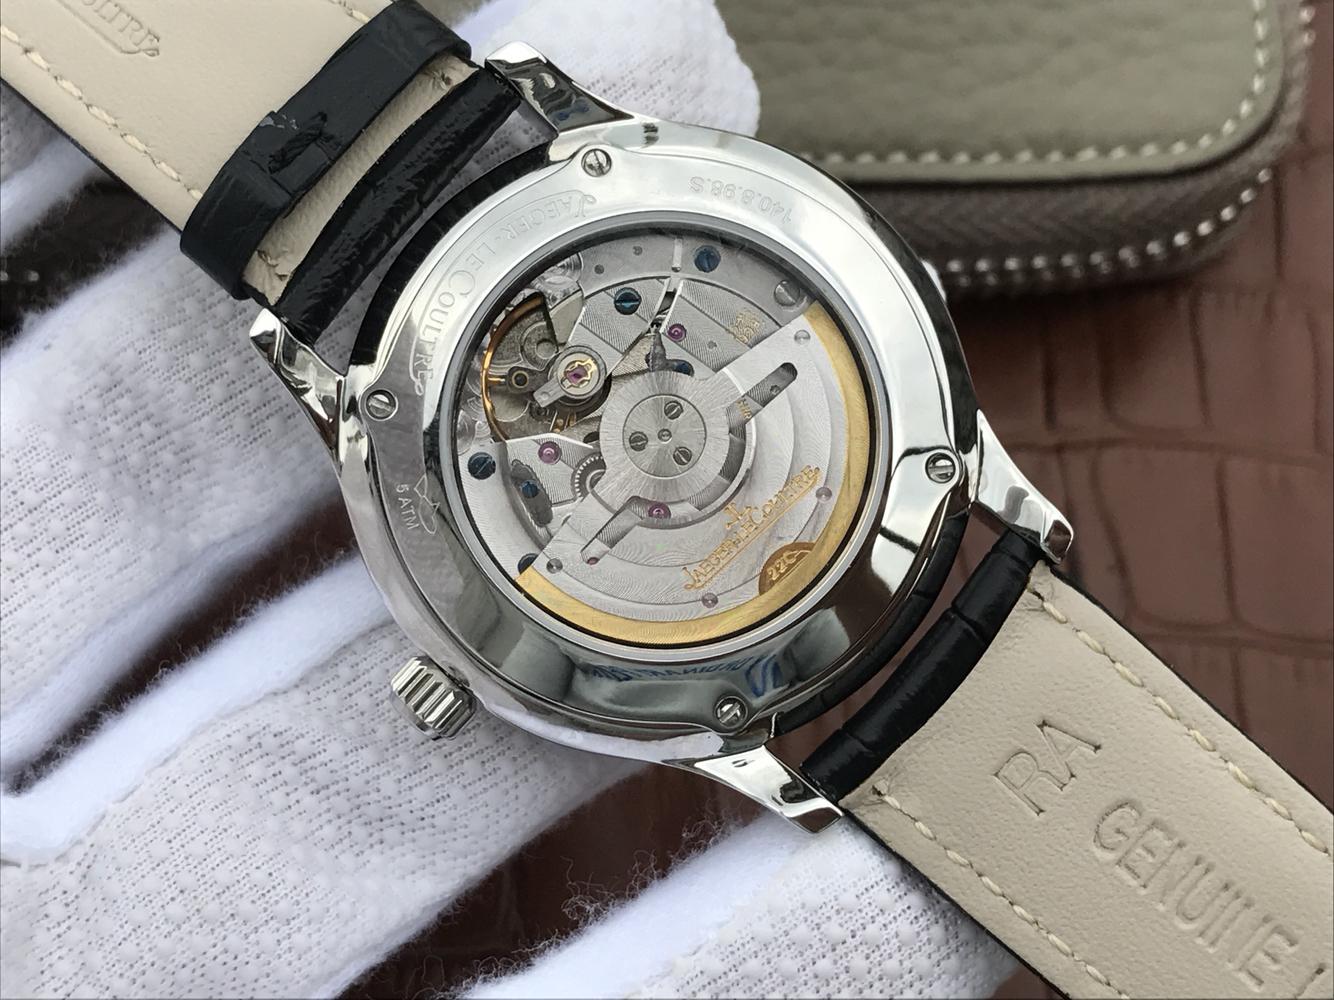 爱宝时手表官网,爱宝时手表